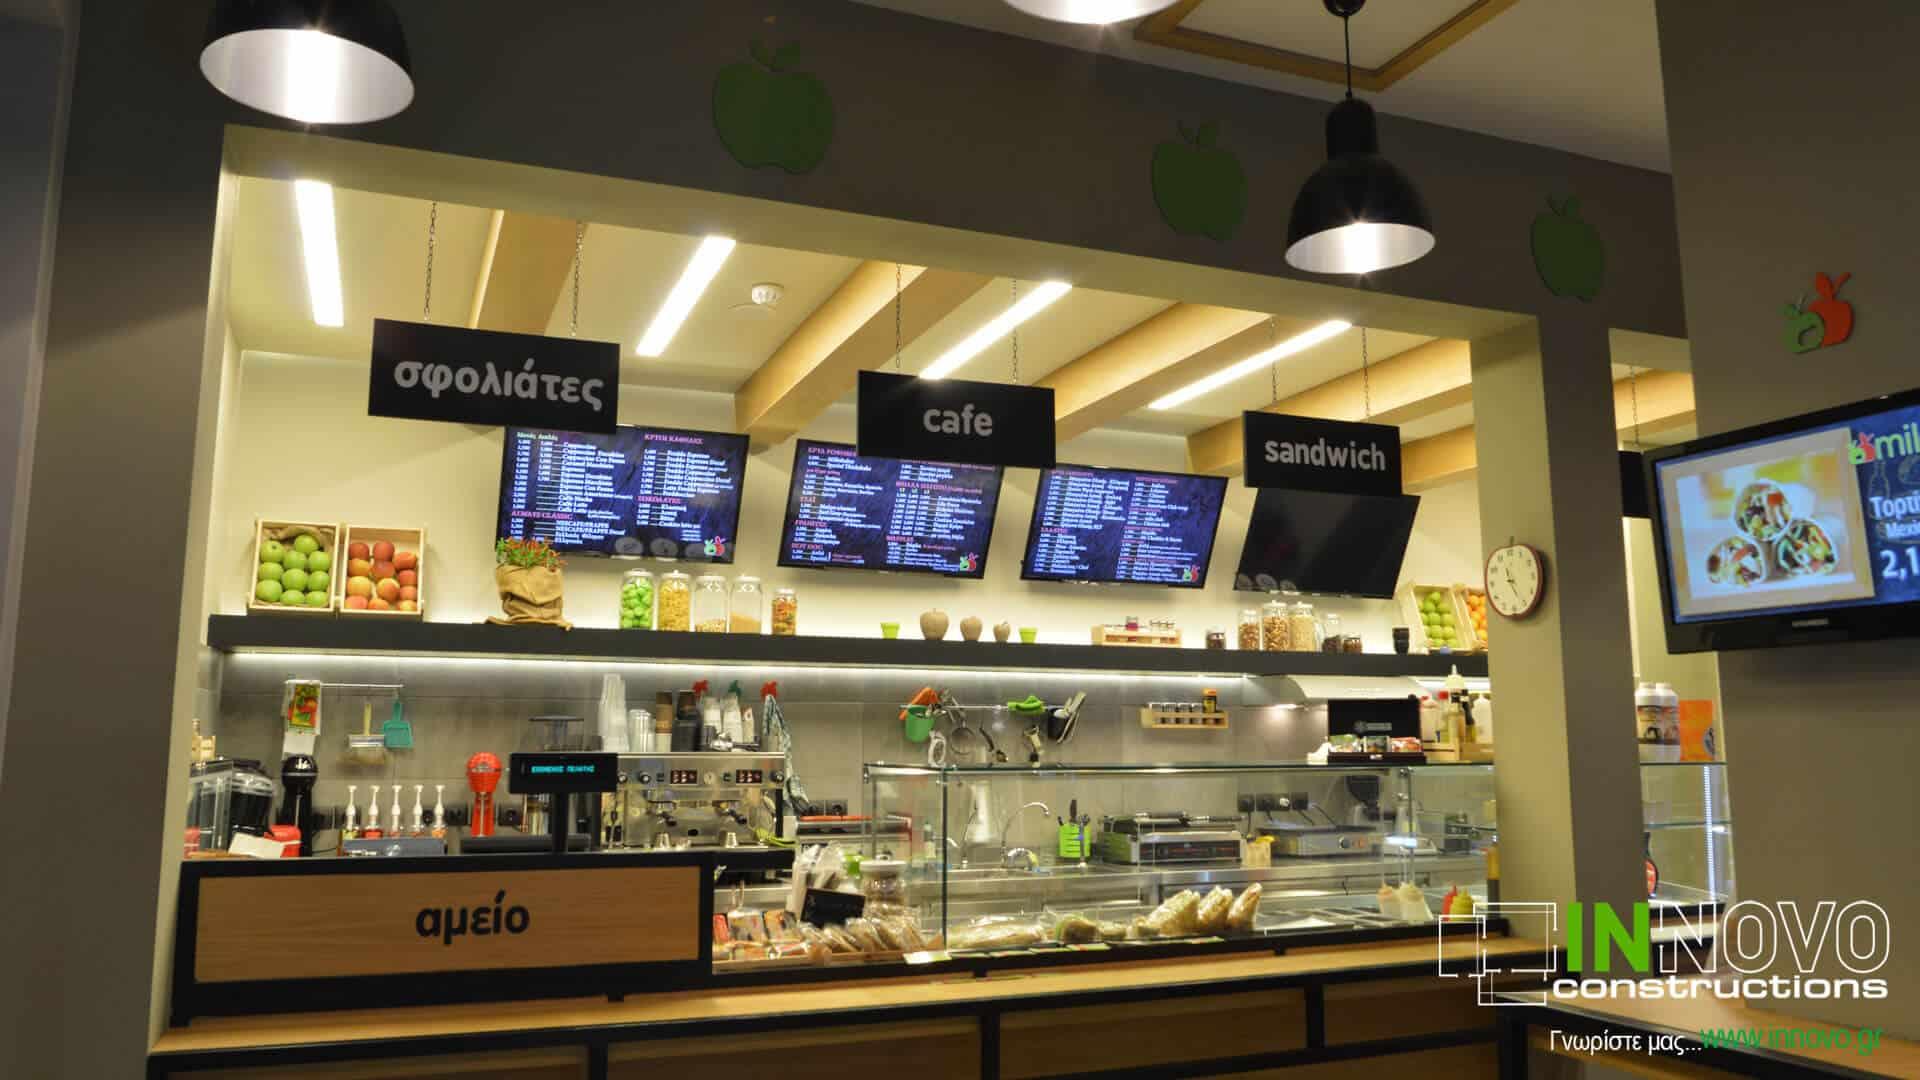 anakainisi-snack-cafe-renovation-fastfood-ano-petralona-1462-2